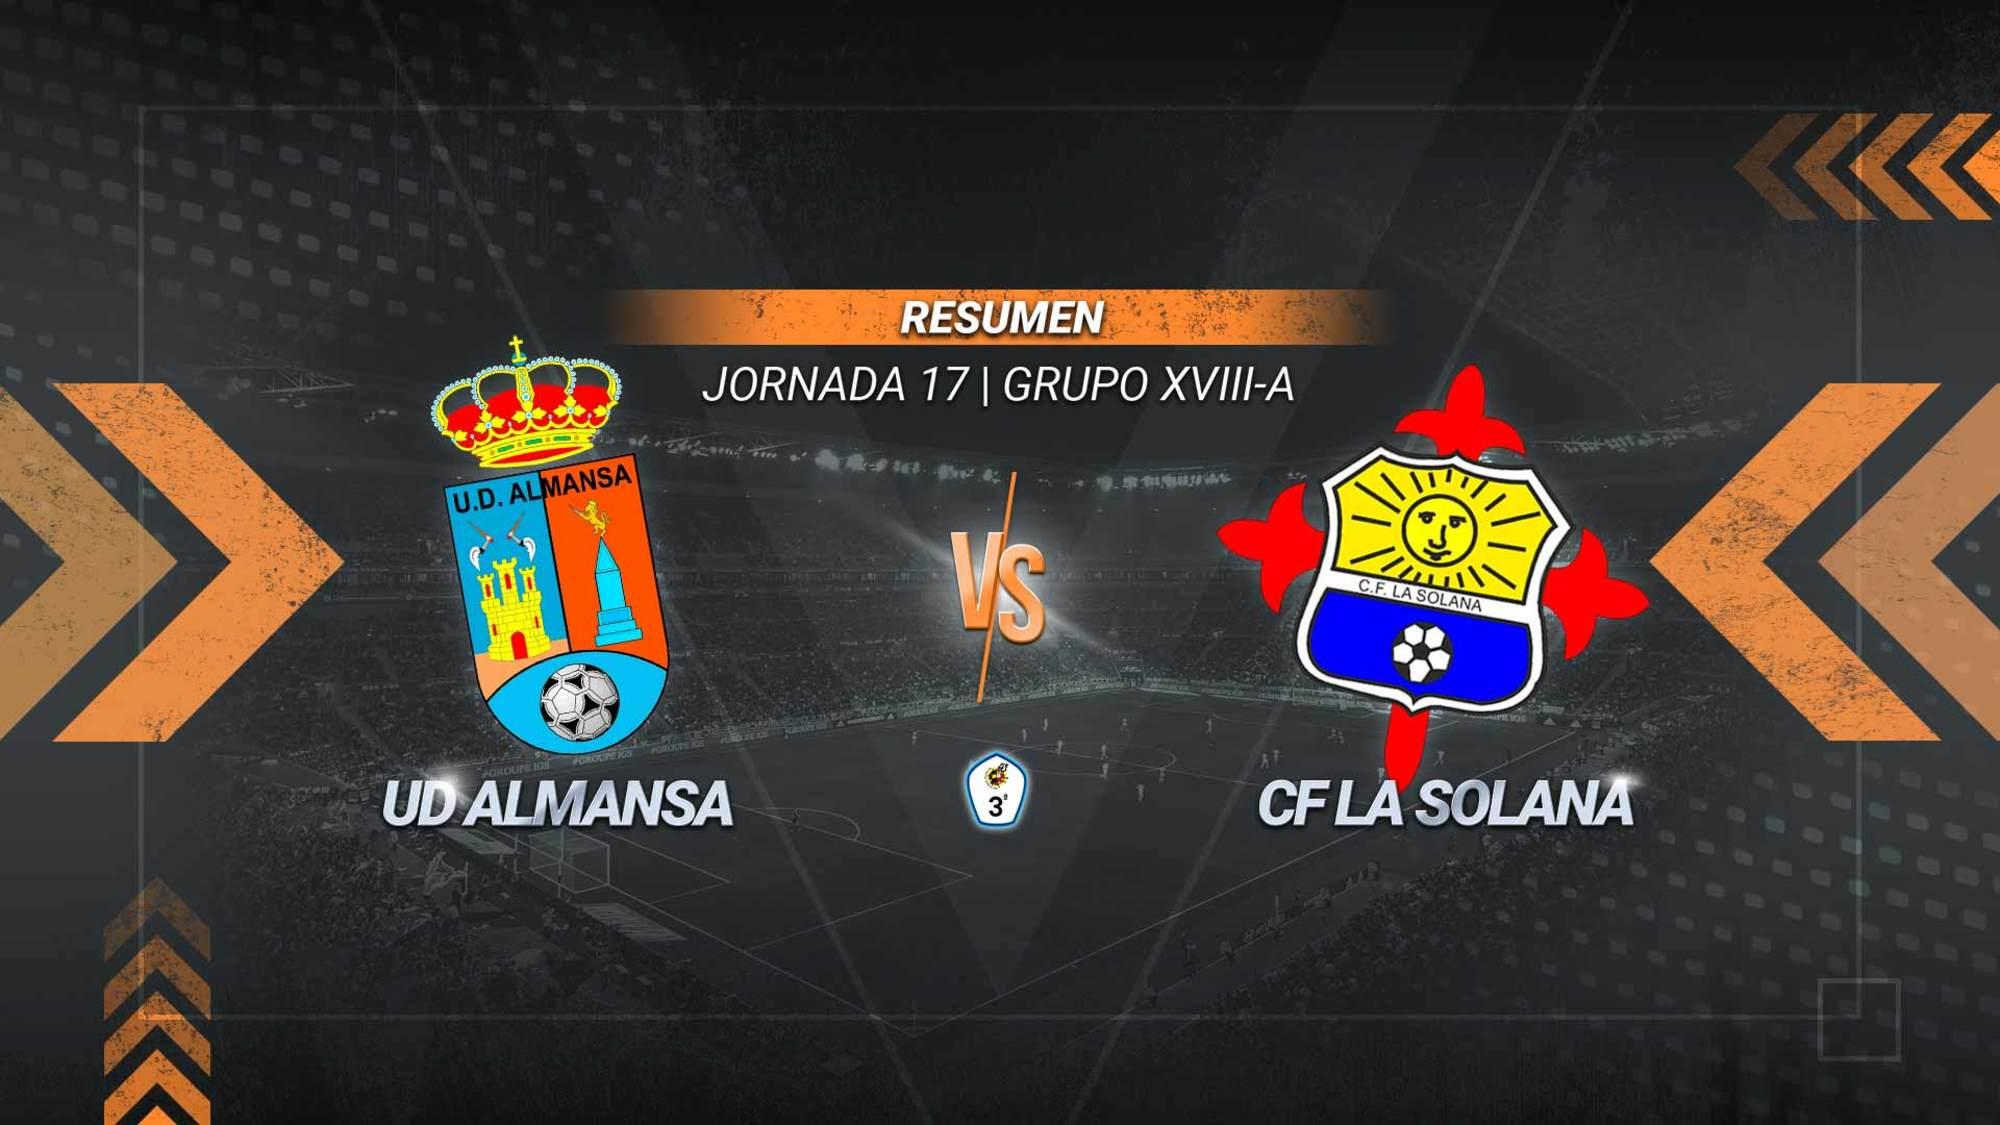 Enrique y Víctor Martí le dan tres puntos fundamentales al Almansa. Los almanseños alcanzan los 15 puntos. La Solana se queda penúltimo con 12.